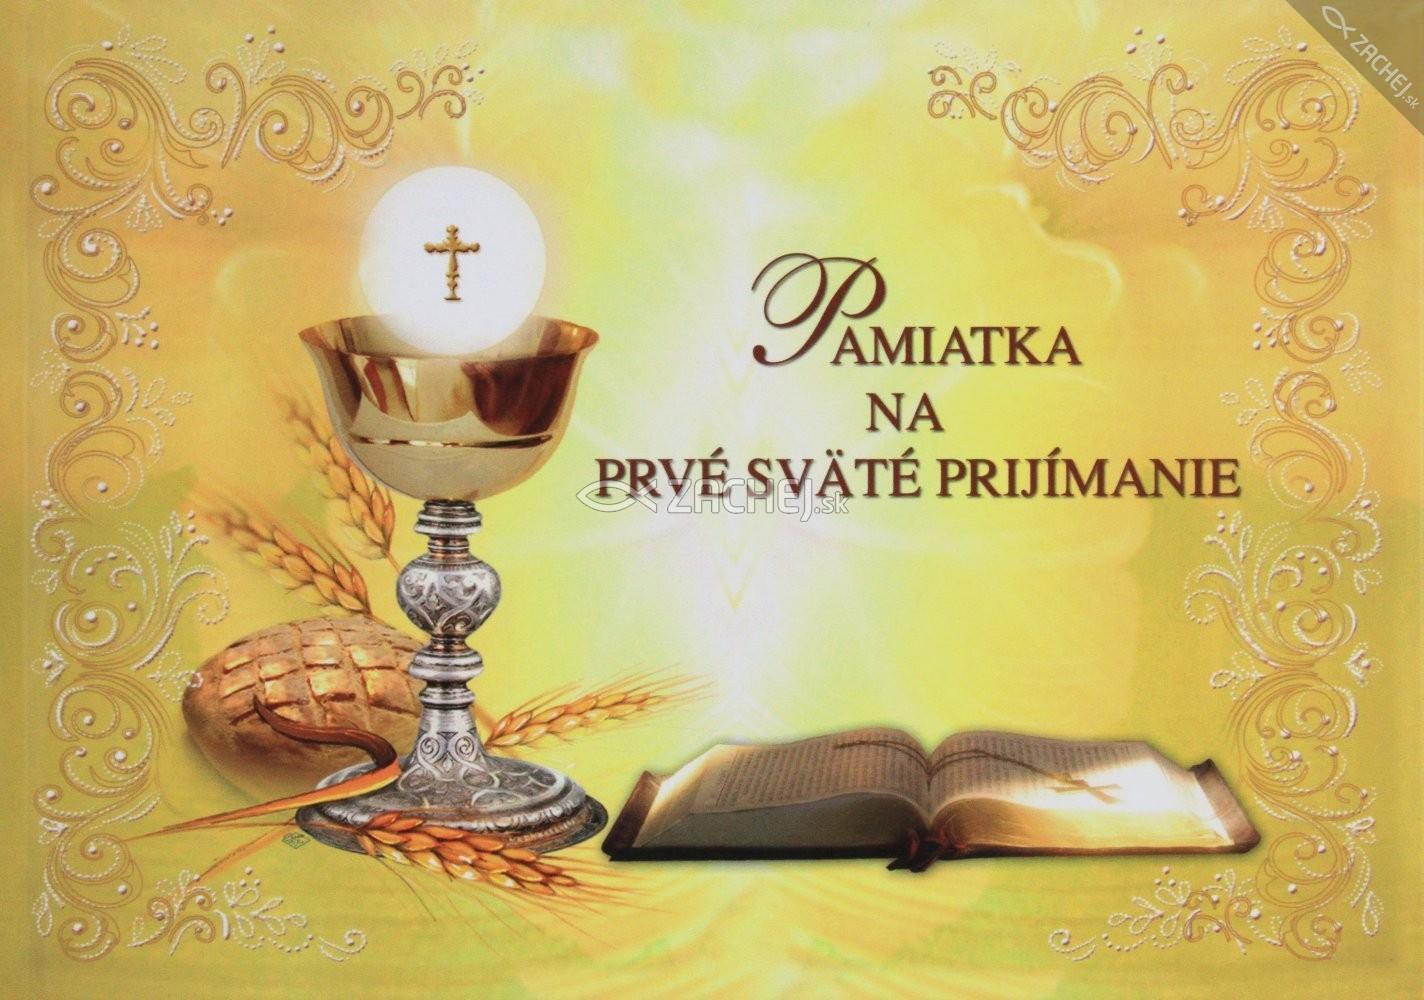 Pamiatka na prvé sväté prijímanie